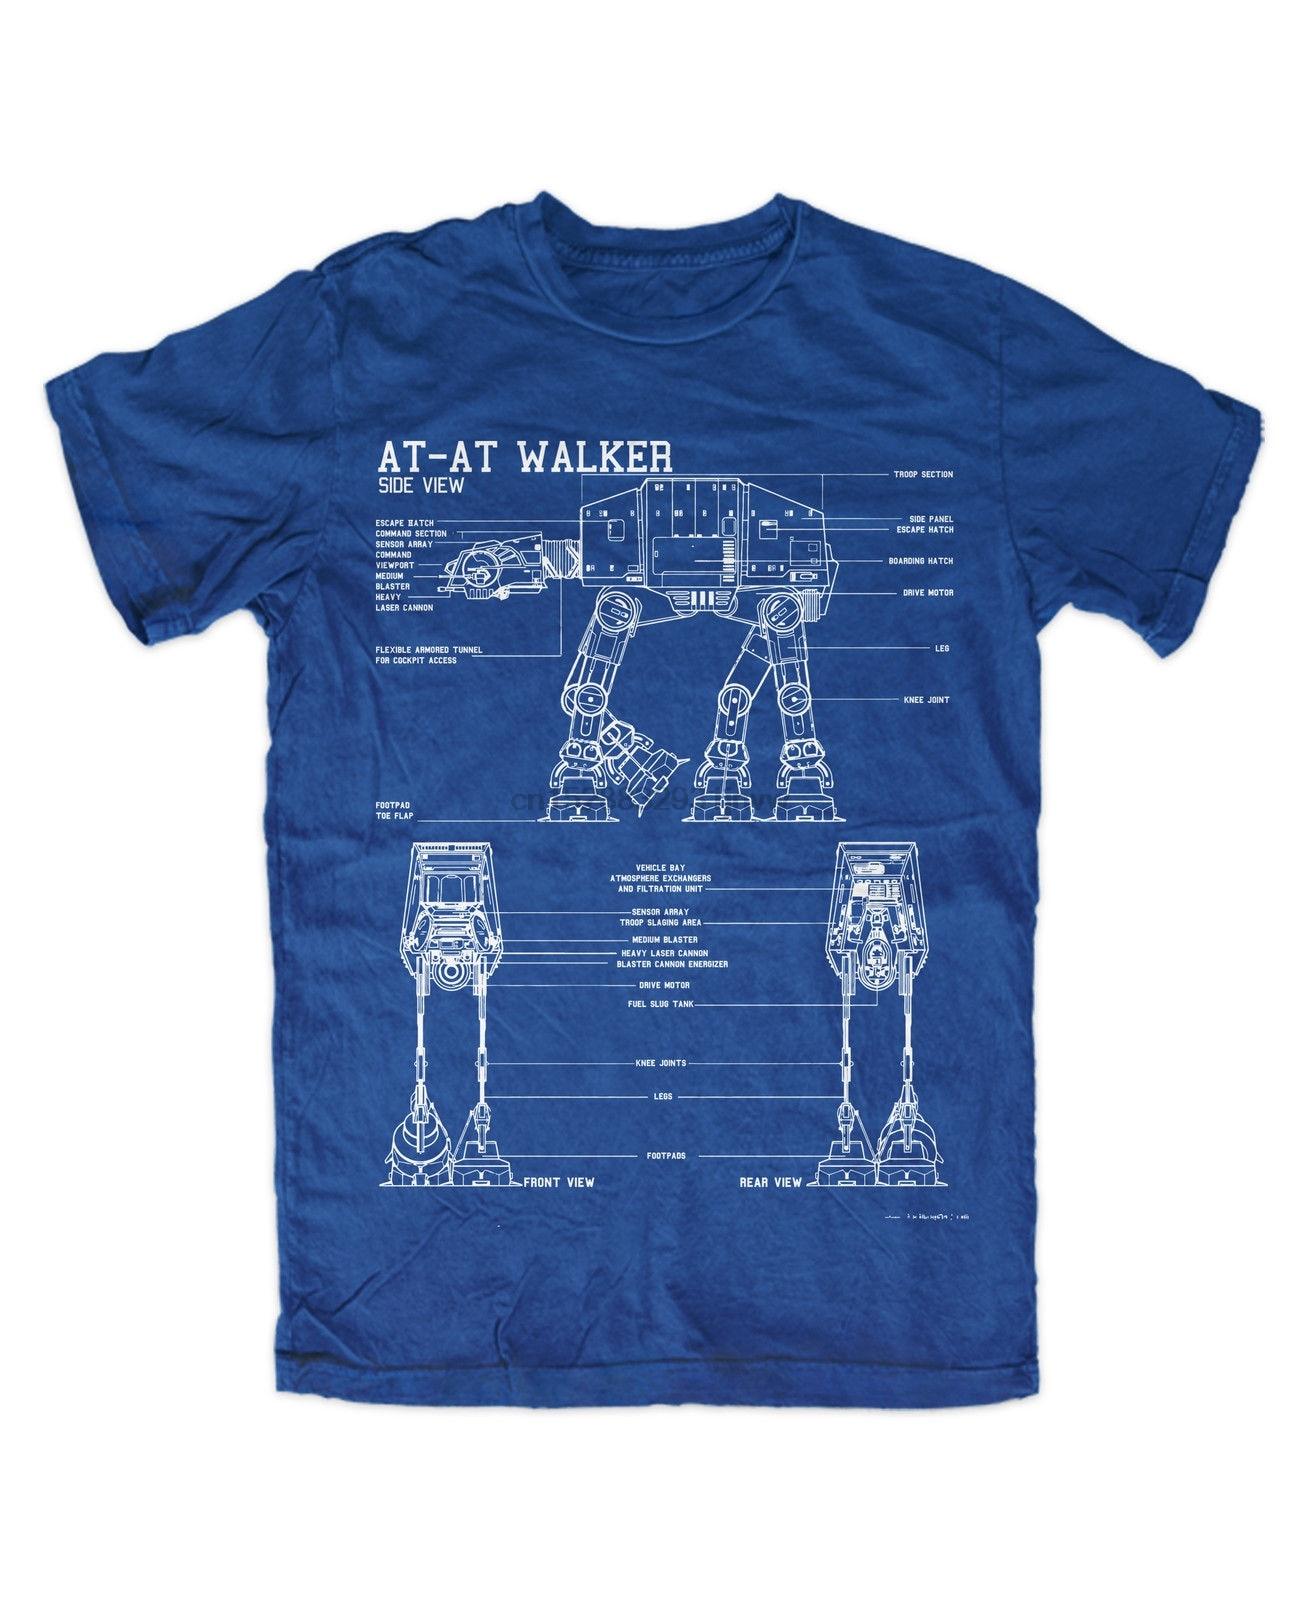 Мужская футболка AT-AT Walker Premium, голубая забавная футболка с принтом «Звездный Корабль», космические войны